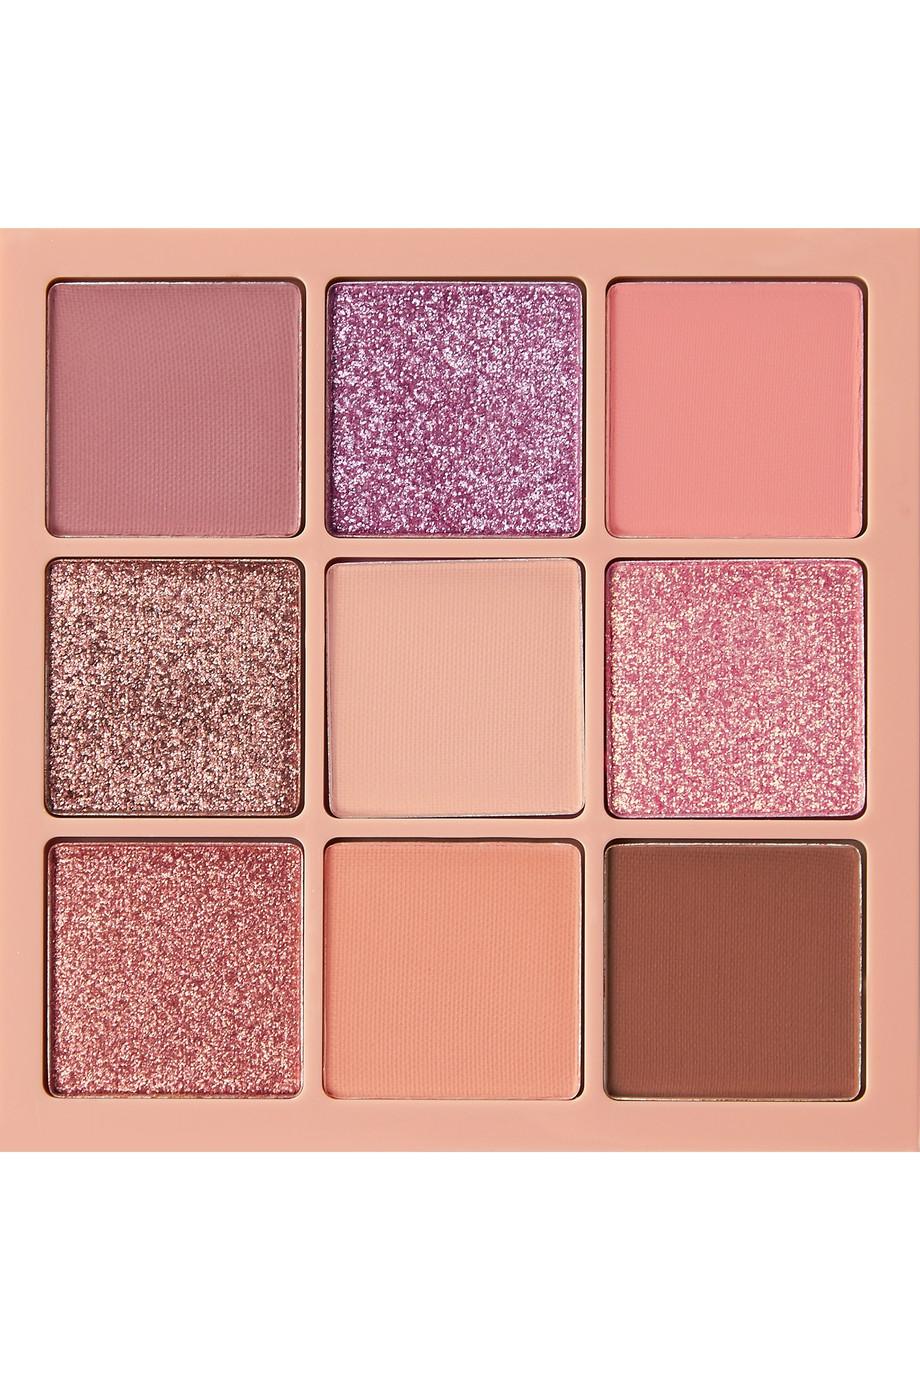 Huda Beauty Nude Obsessions Eyeshadow Palette – Light – Lidschattenpalette